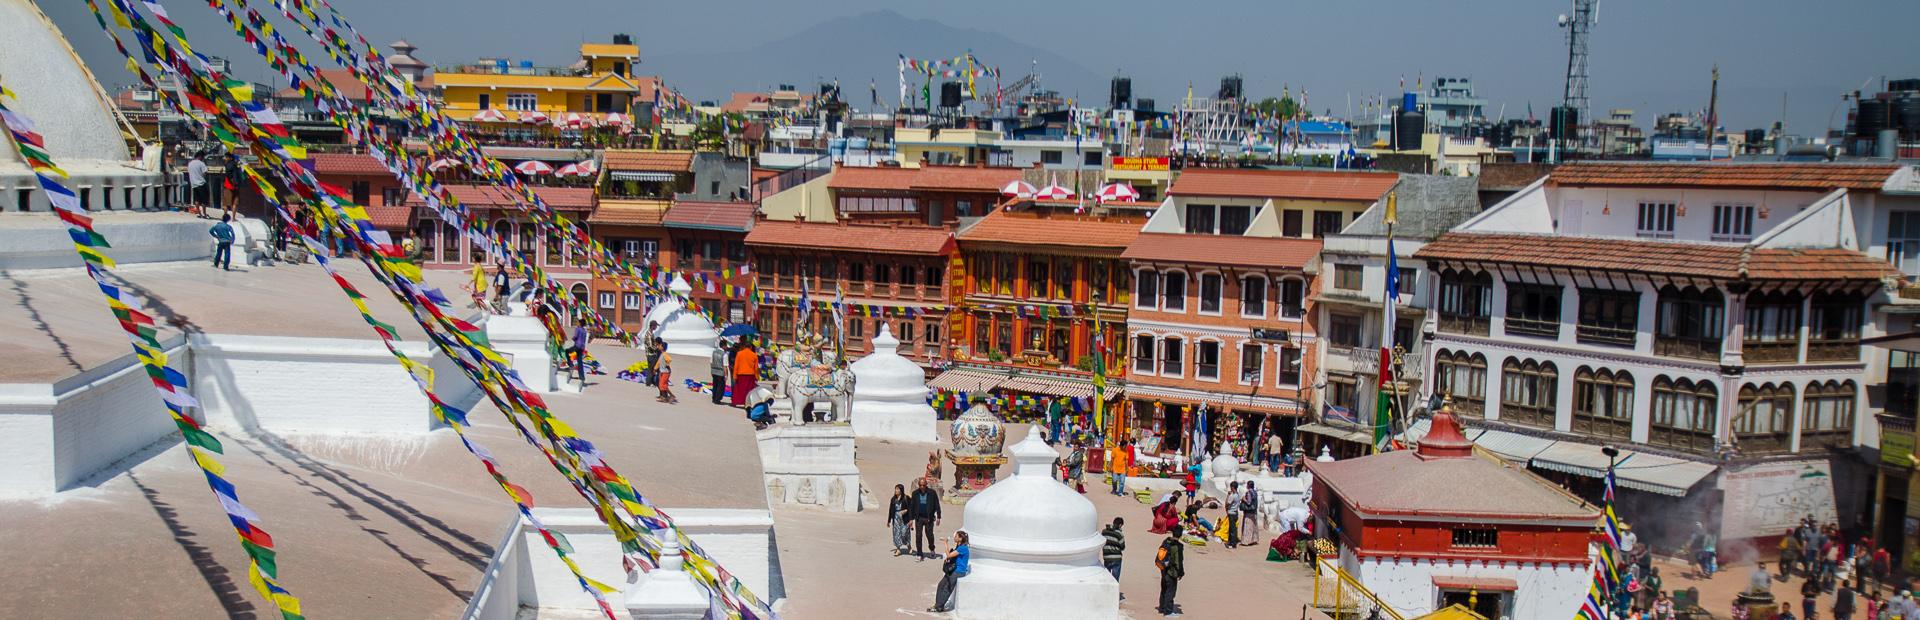 bodanath kathmandu nepal